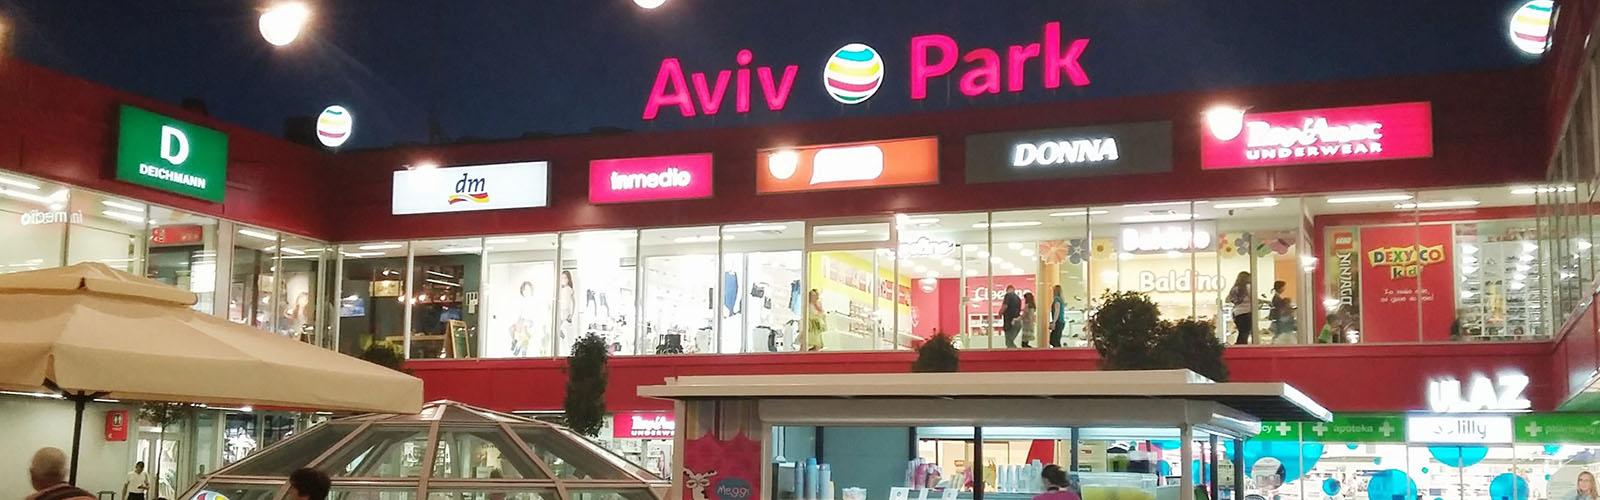 Concierge Belgrade | Aviv park Zvezdara